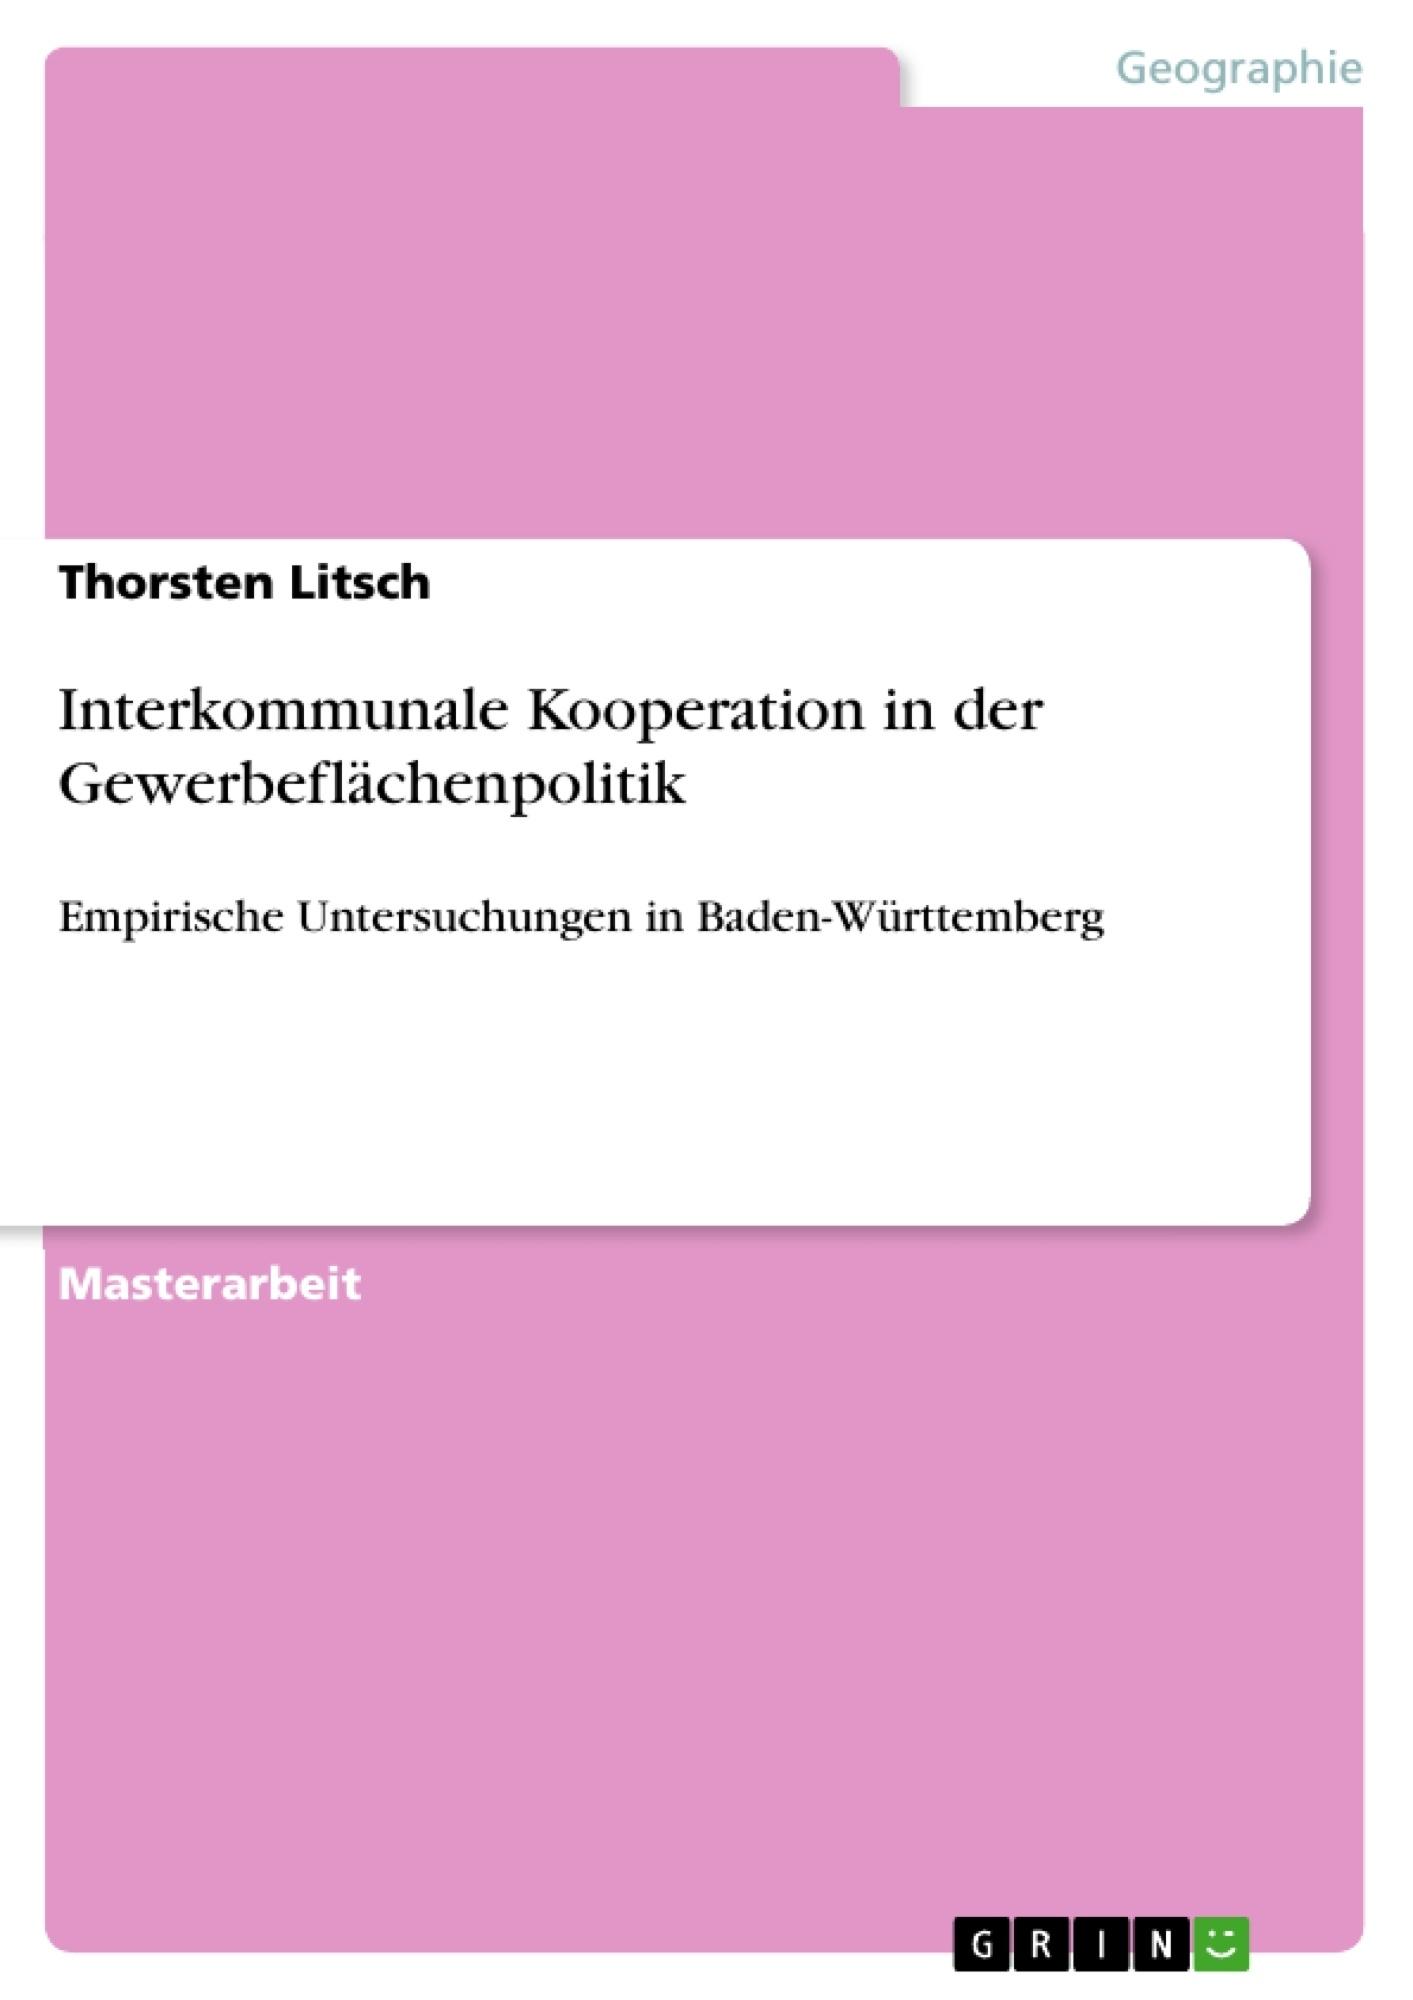 Titel: Interkommunale Kooperation in der Gewerbeflächenpolitik